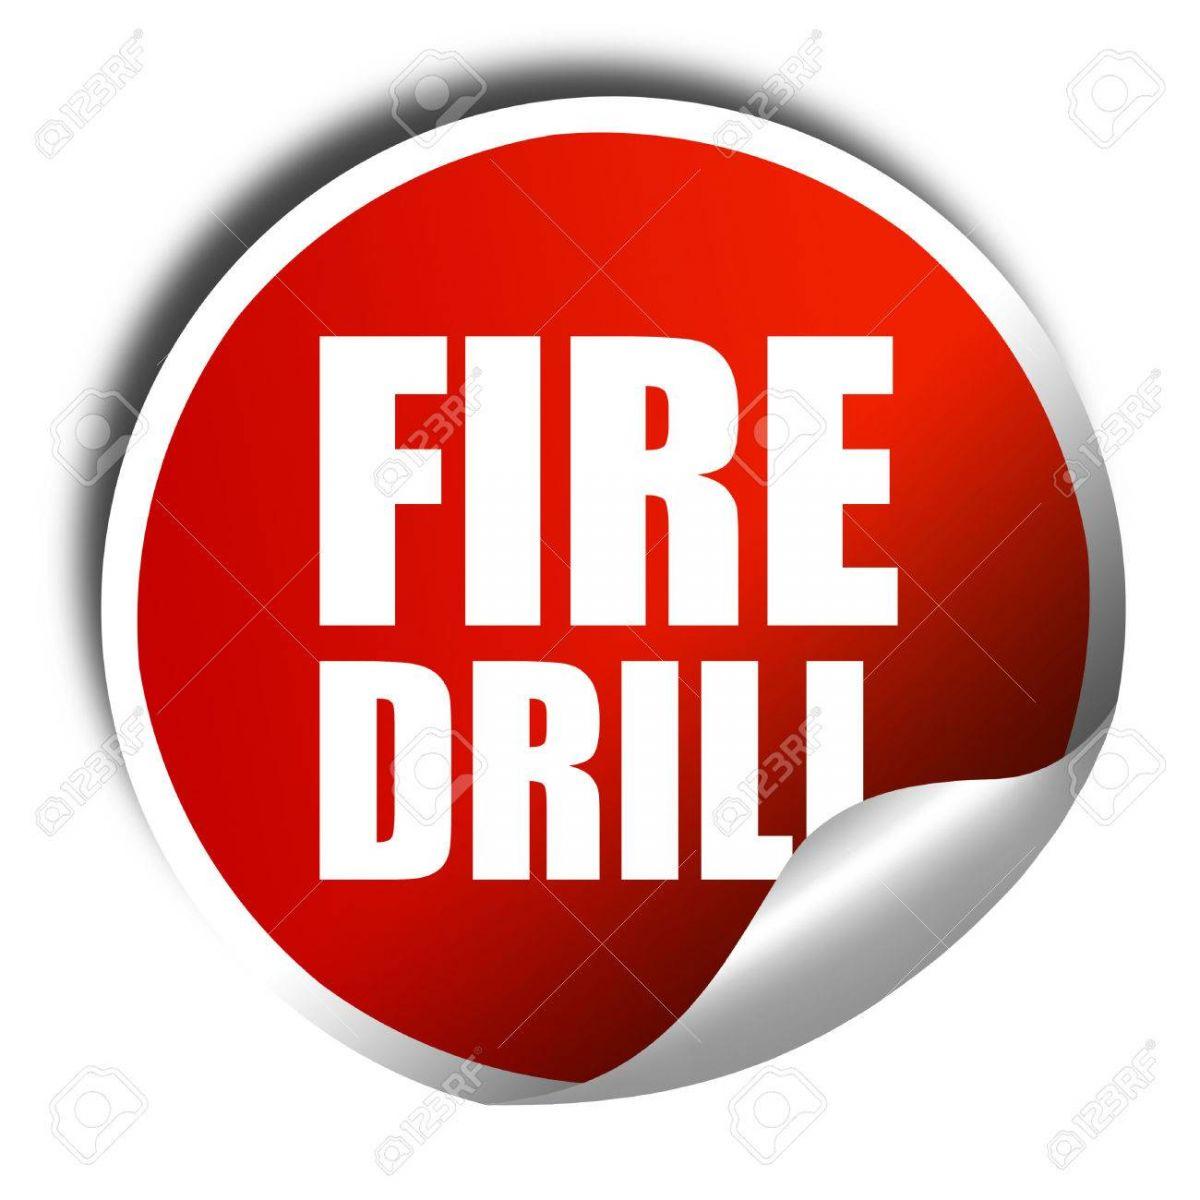 FIRE DRILL 2020